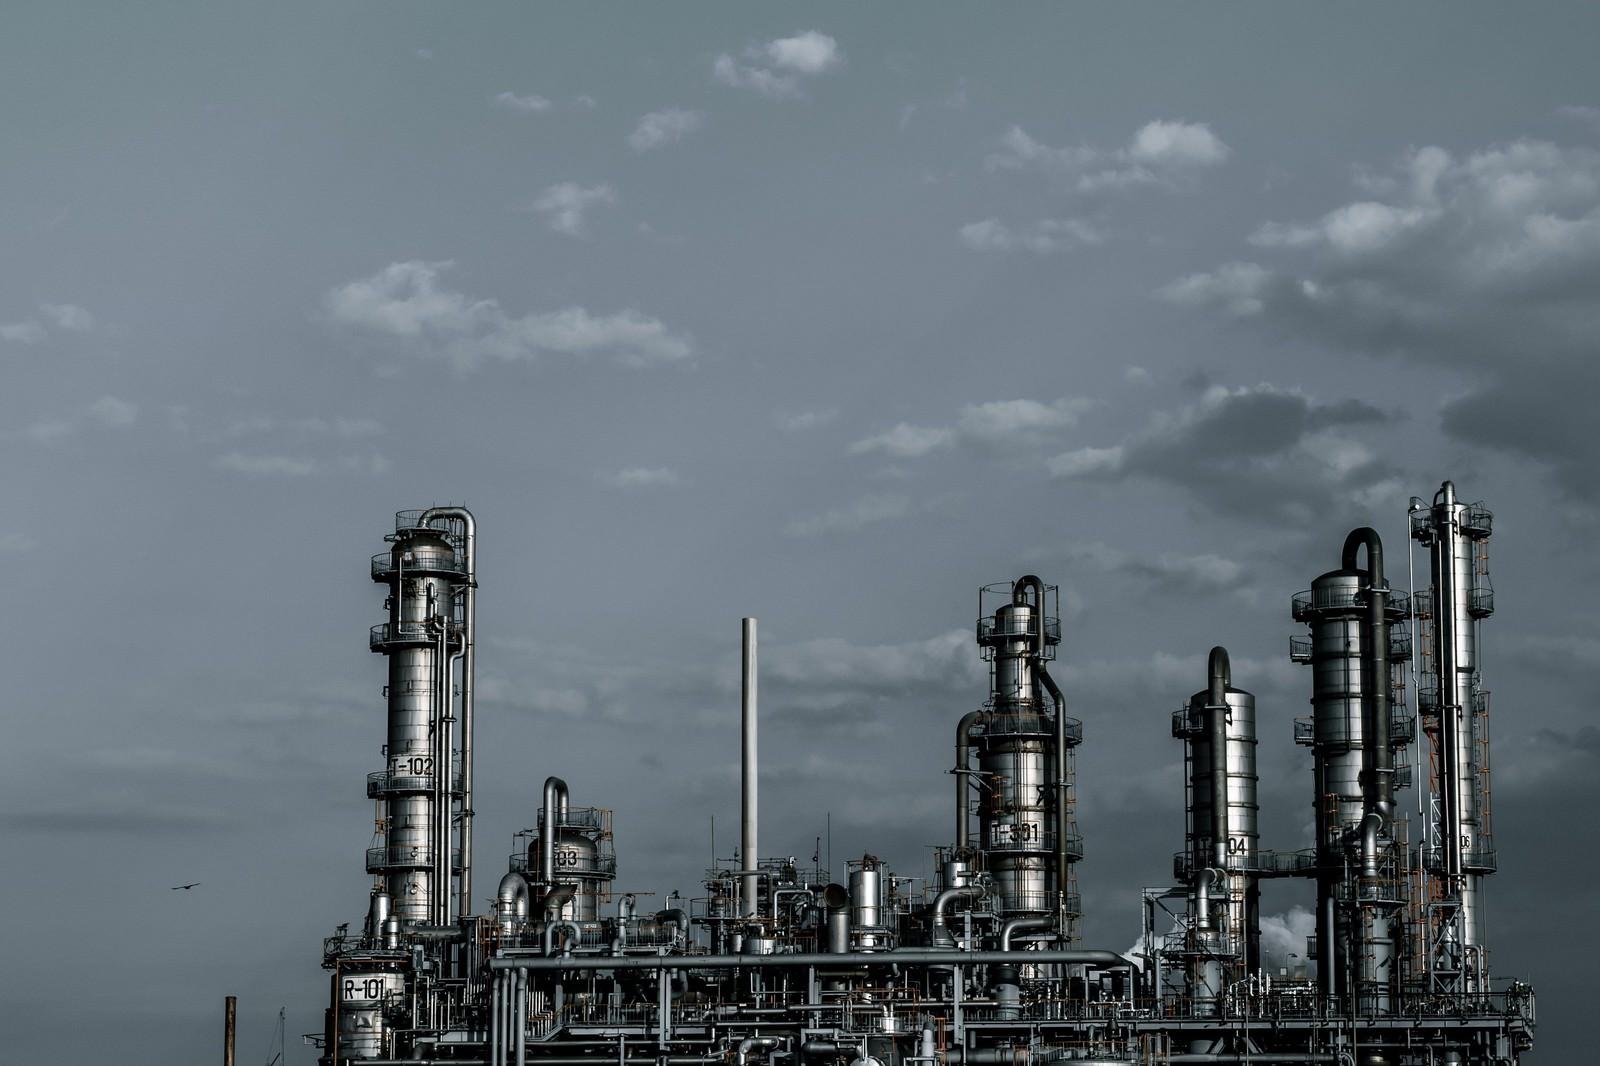 「灰色の空と工場」の写真